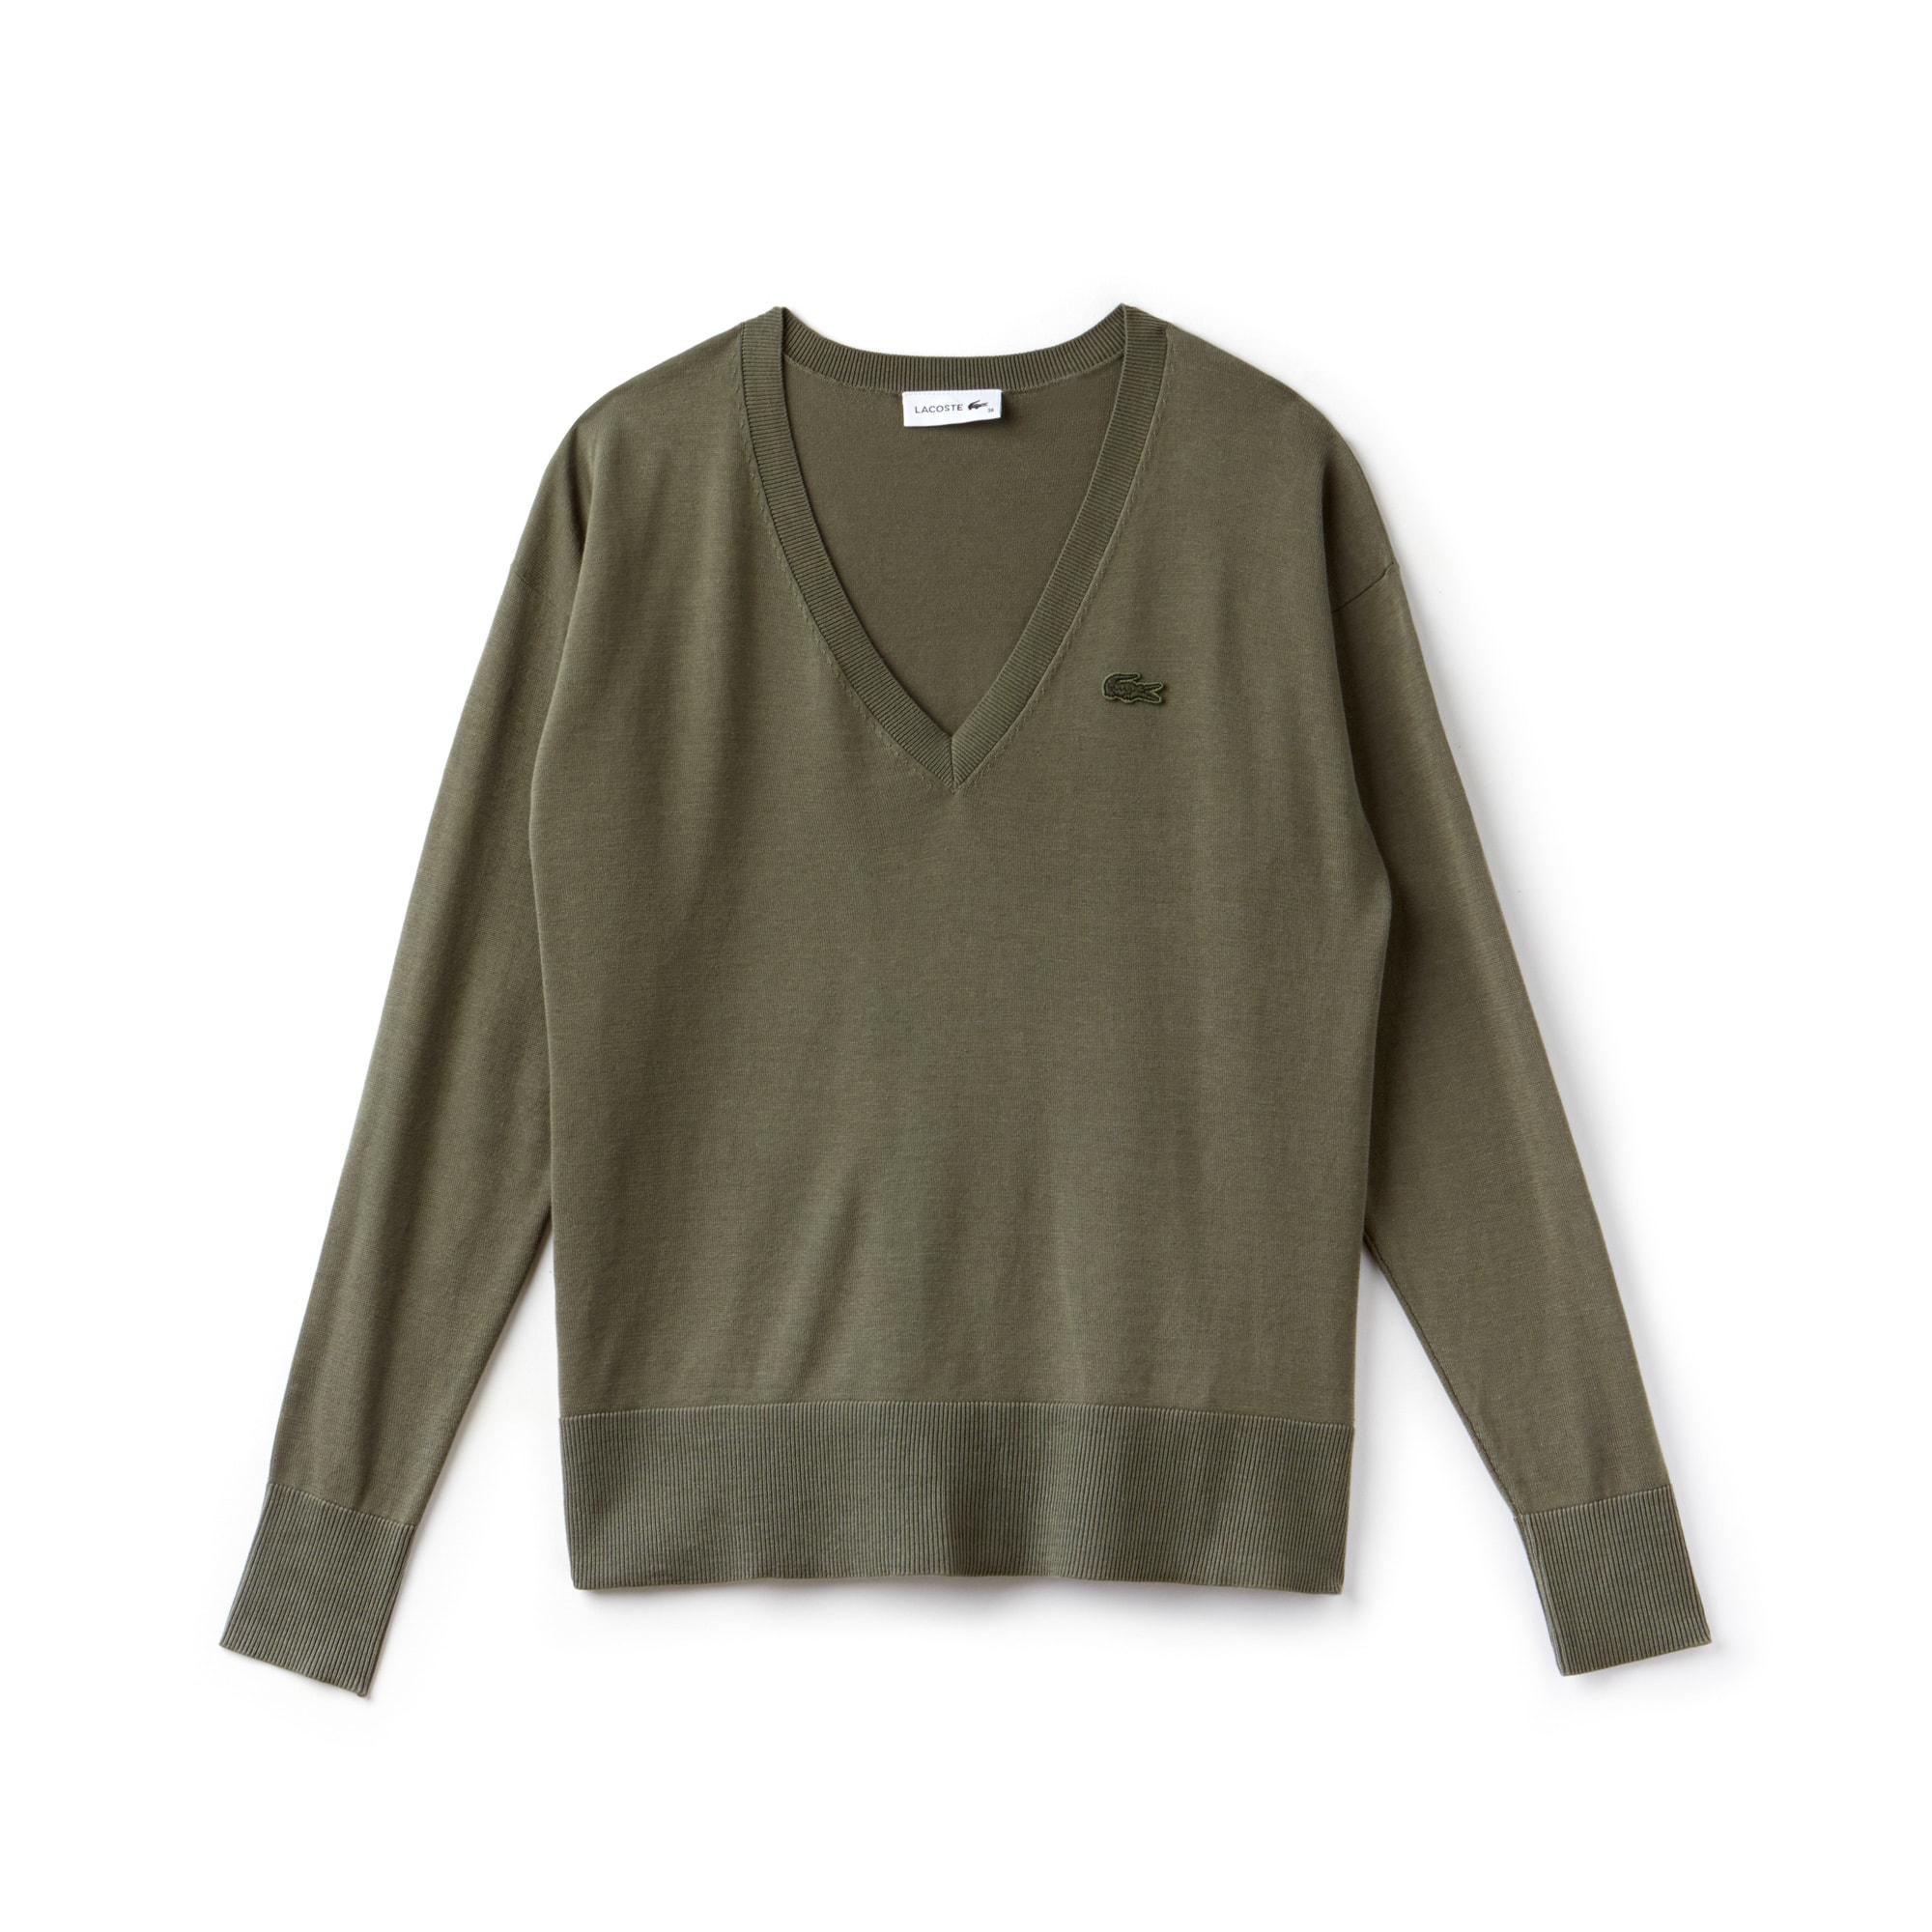 Pullover con collo a V in jersey di cotone tinta unita